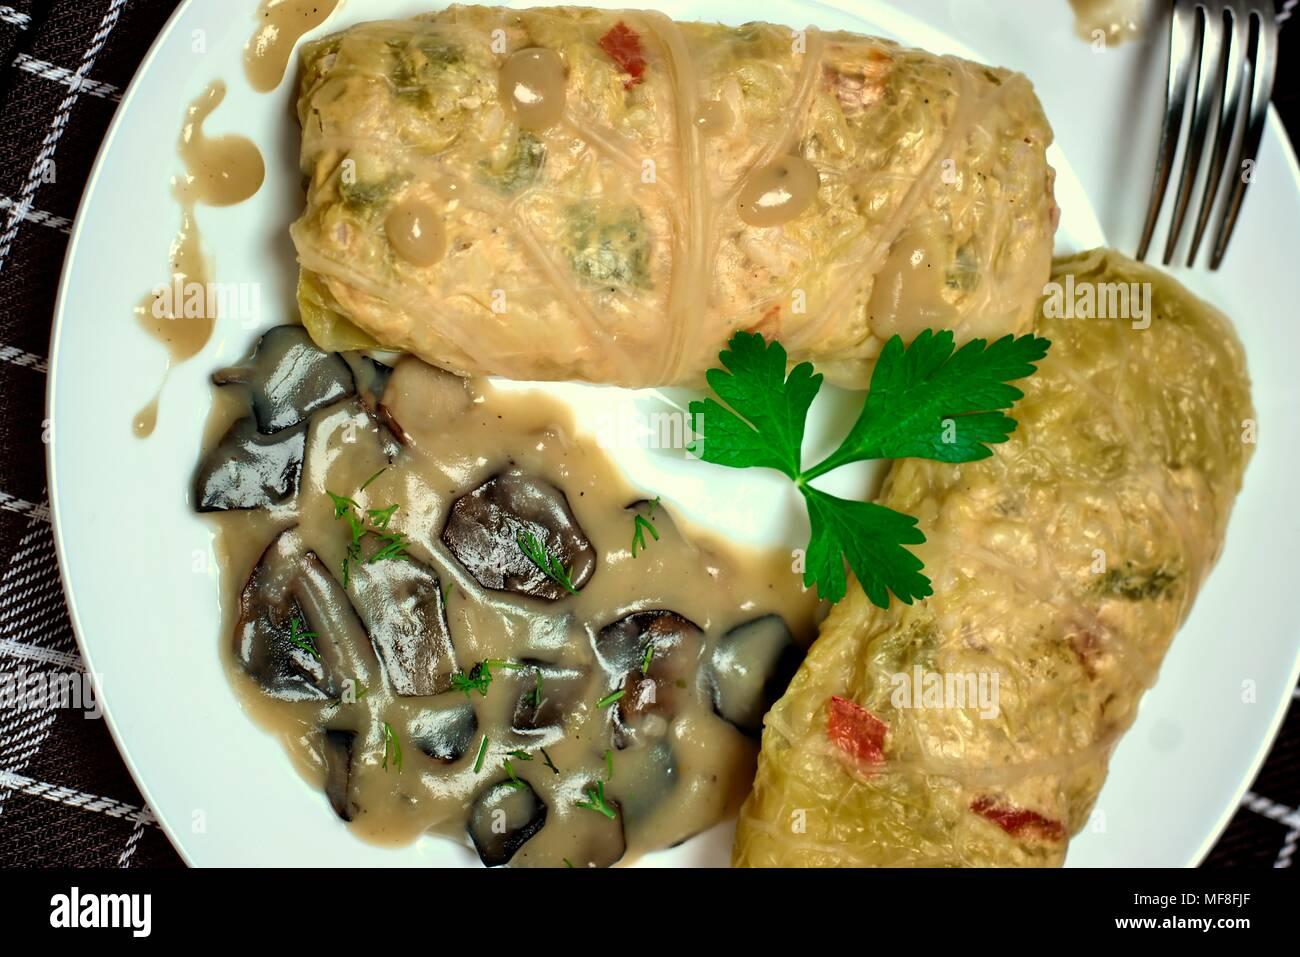 Mushroom sauce - nutritious and tasty 5